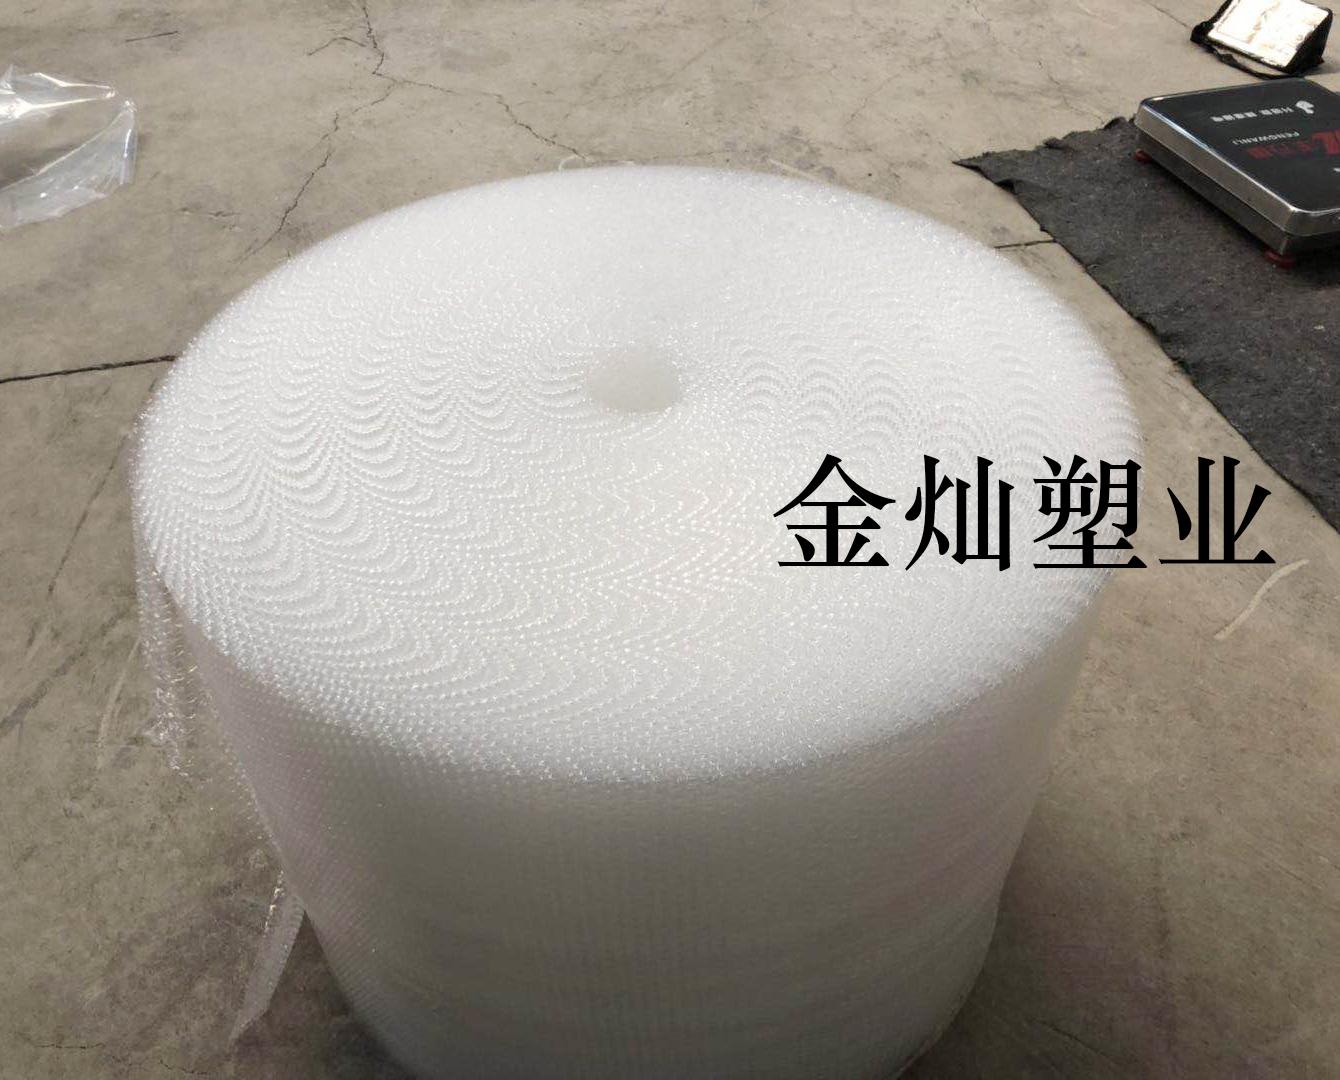 山东双层气泡膜销售厂家 客户至上 金灿塑业供应